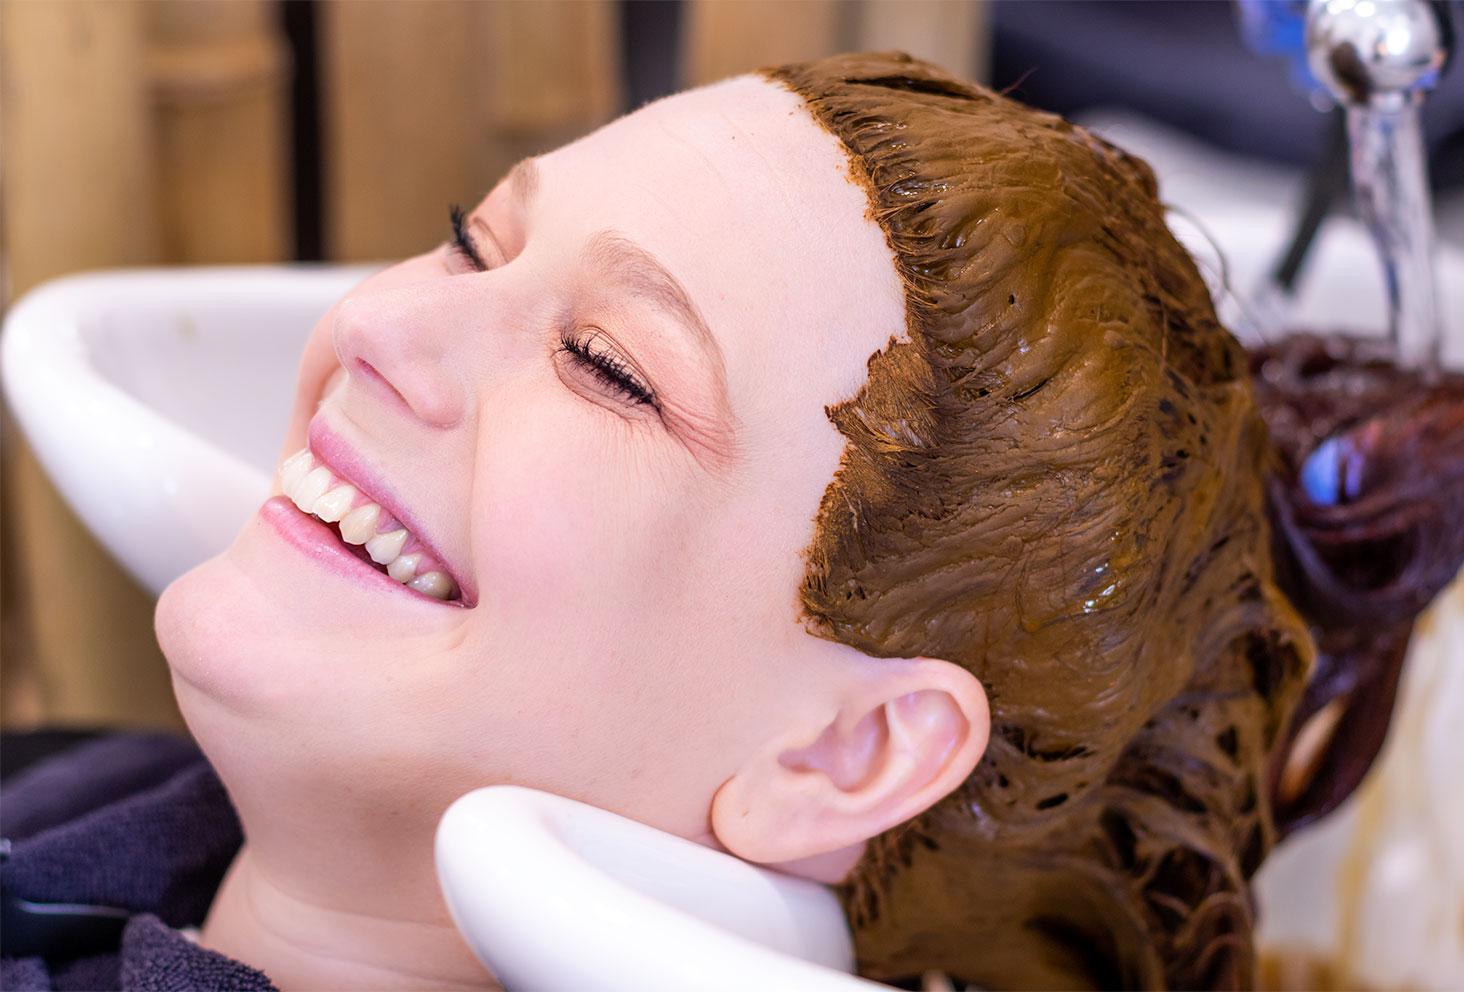 Shampoing la tête dans un bac pour rincer la coloration végétale au henné naturel dans un salon de coiffure